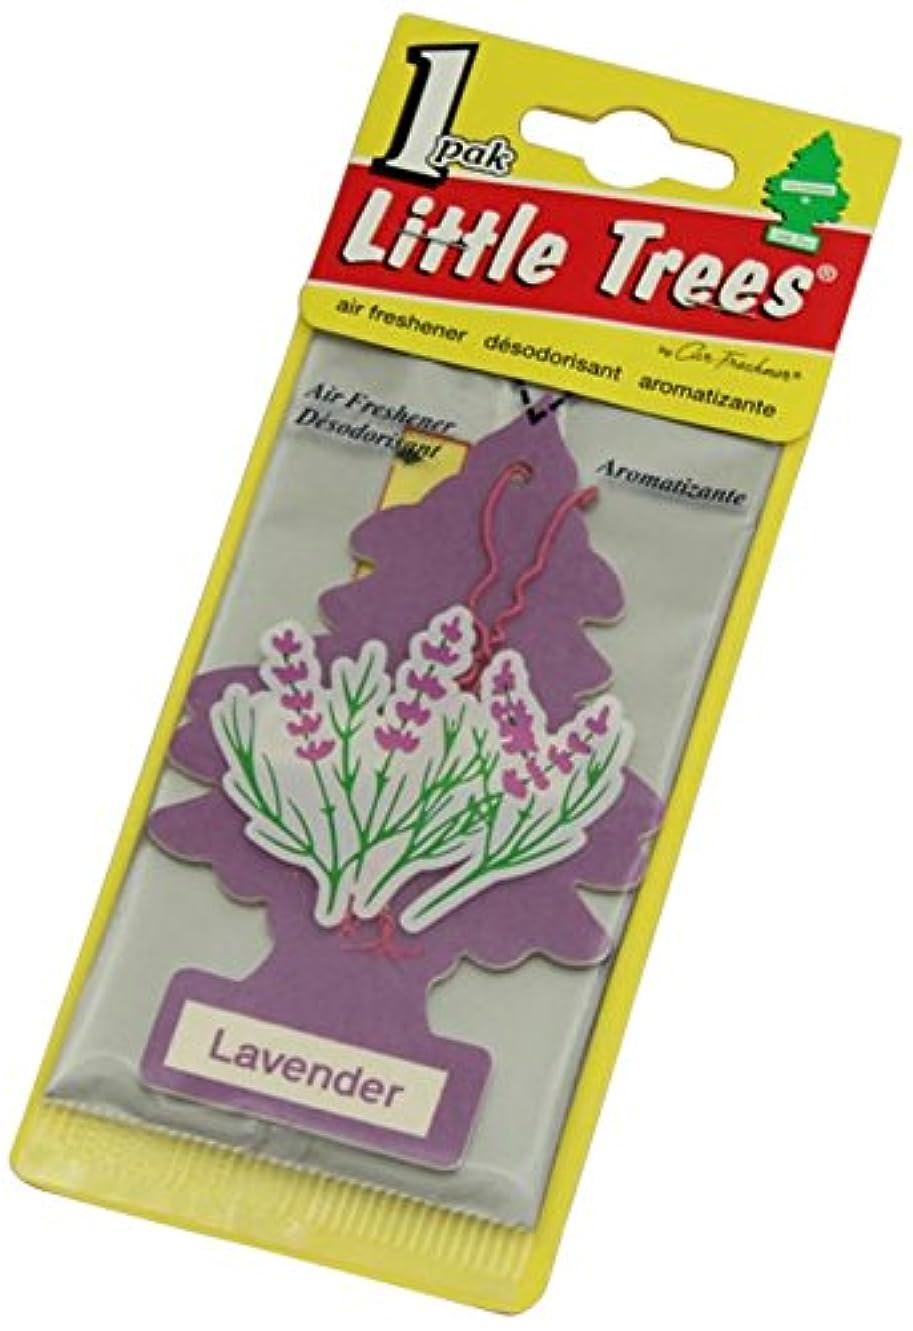 農業の蓮強制的Little Trees 吊下げタイプ エアーフレッシュナー ラベンダー 4枚セット(4P)